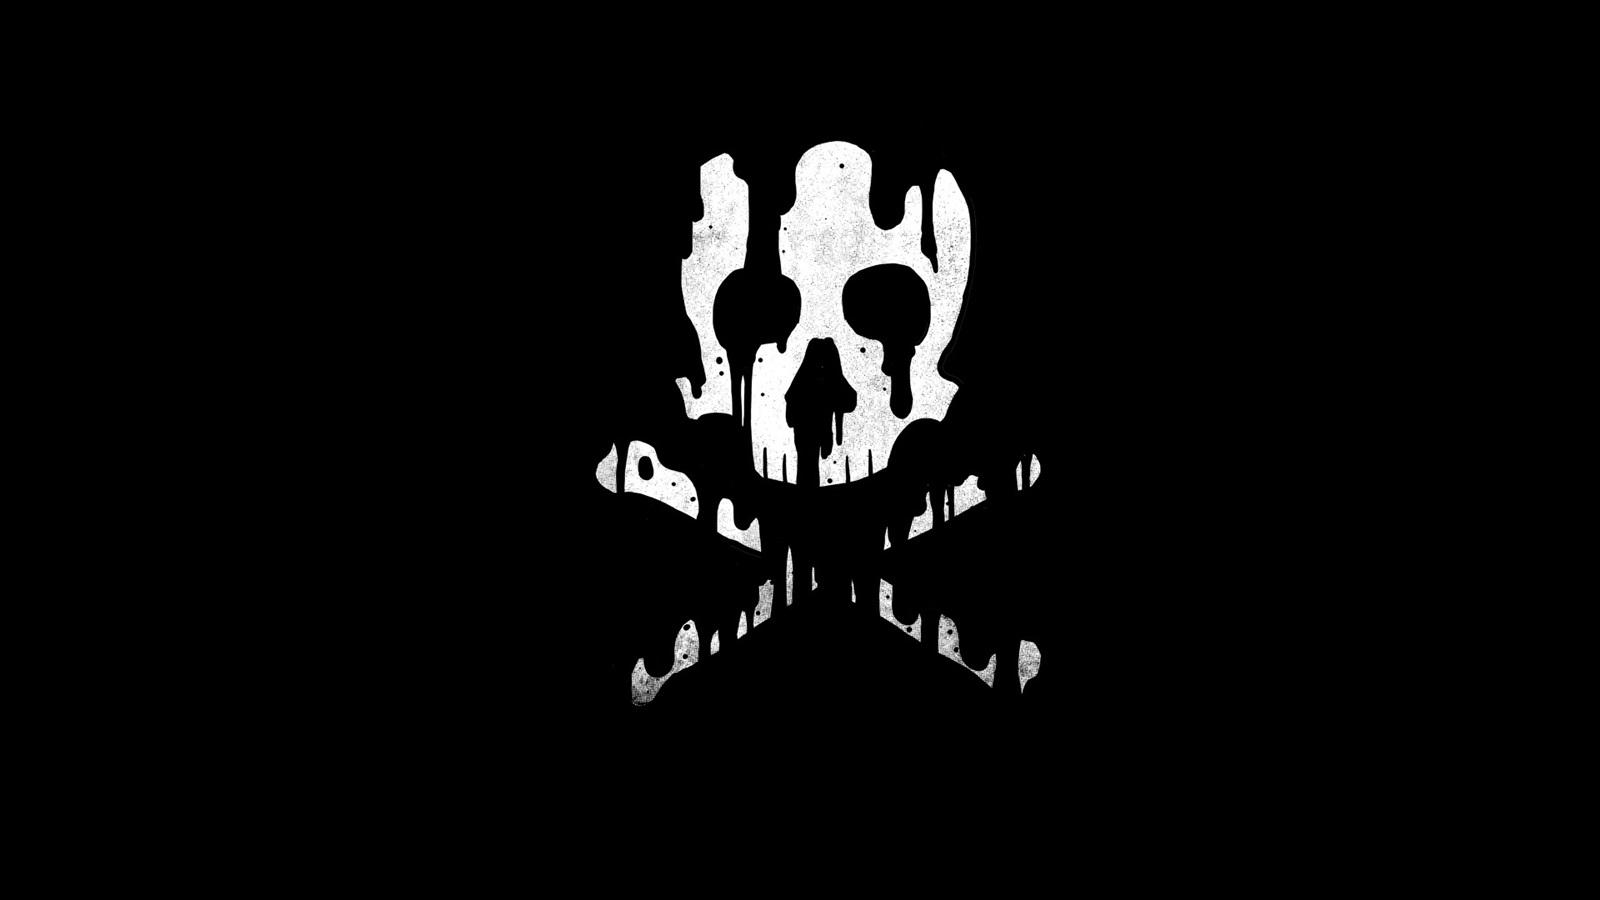 Skull, Bones, Black Background 640x1136 IPhone 5/5S/5C/SE